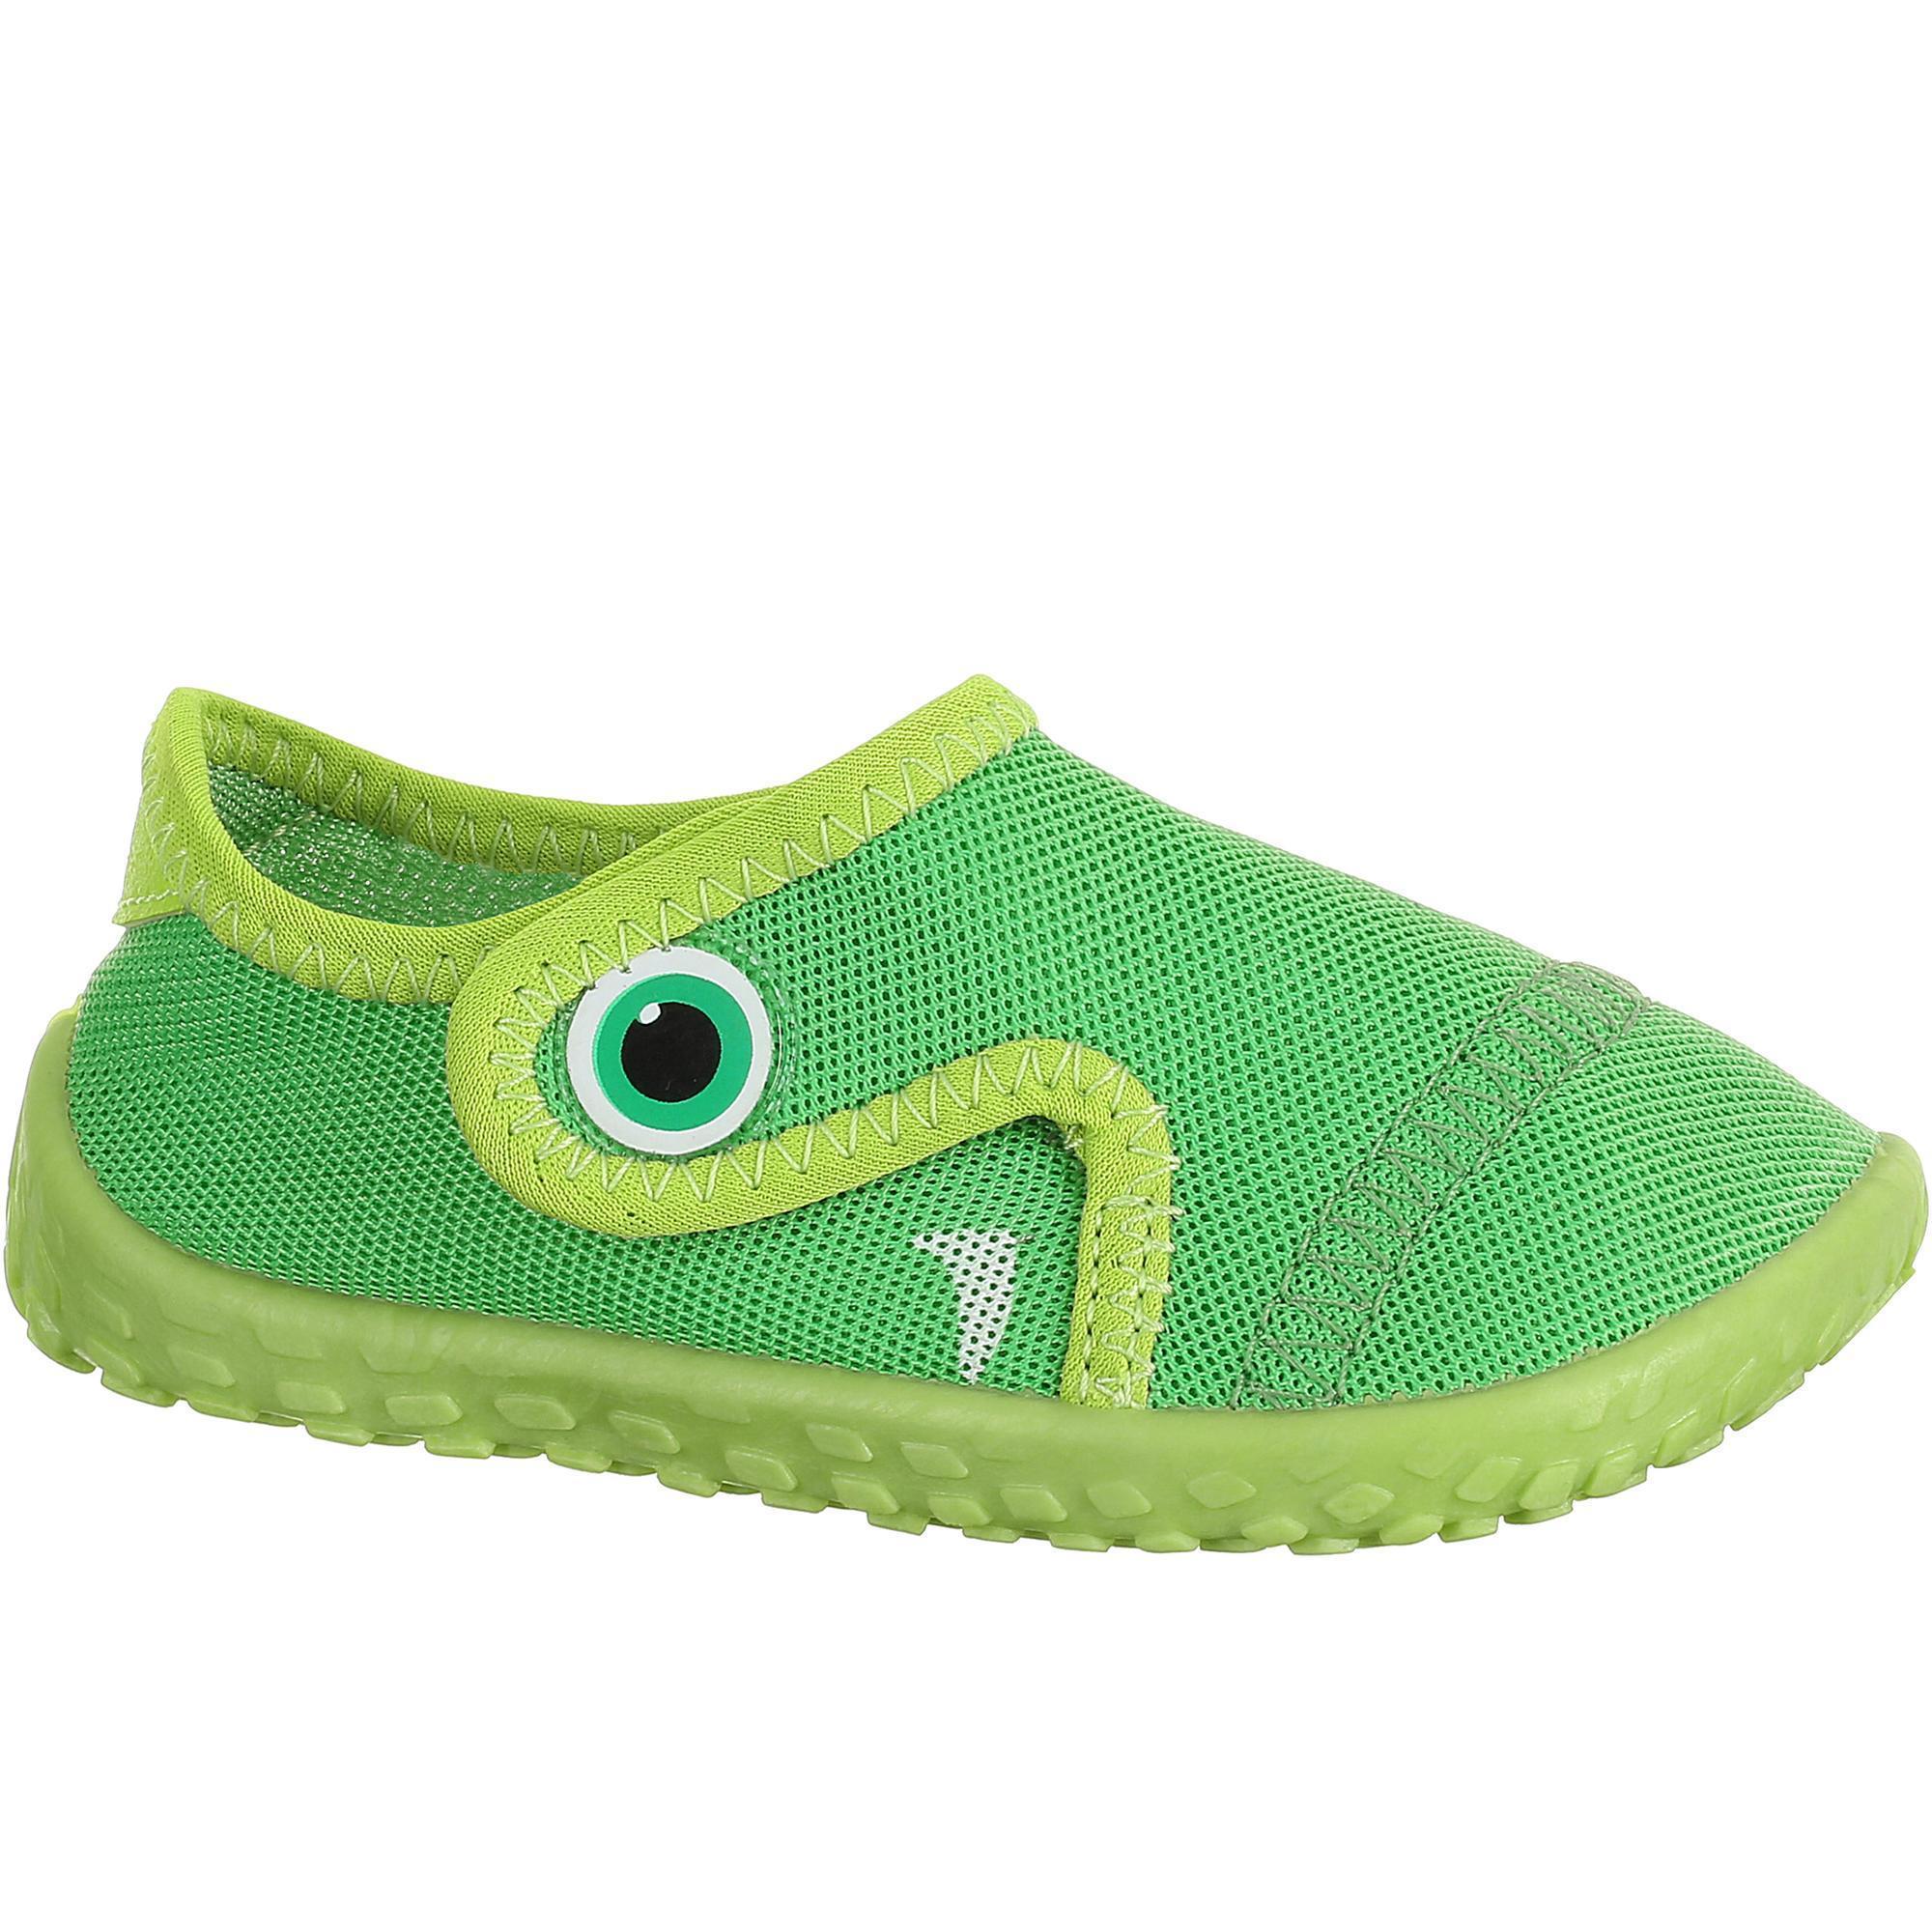 36c8c6707 Comprar calzado deportivo para niños y bebés online  Decathlon